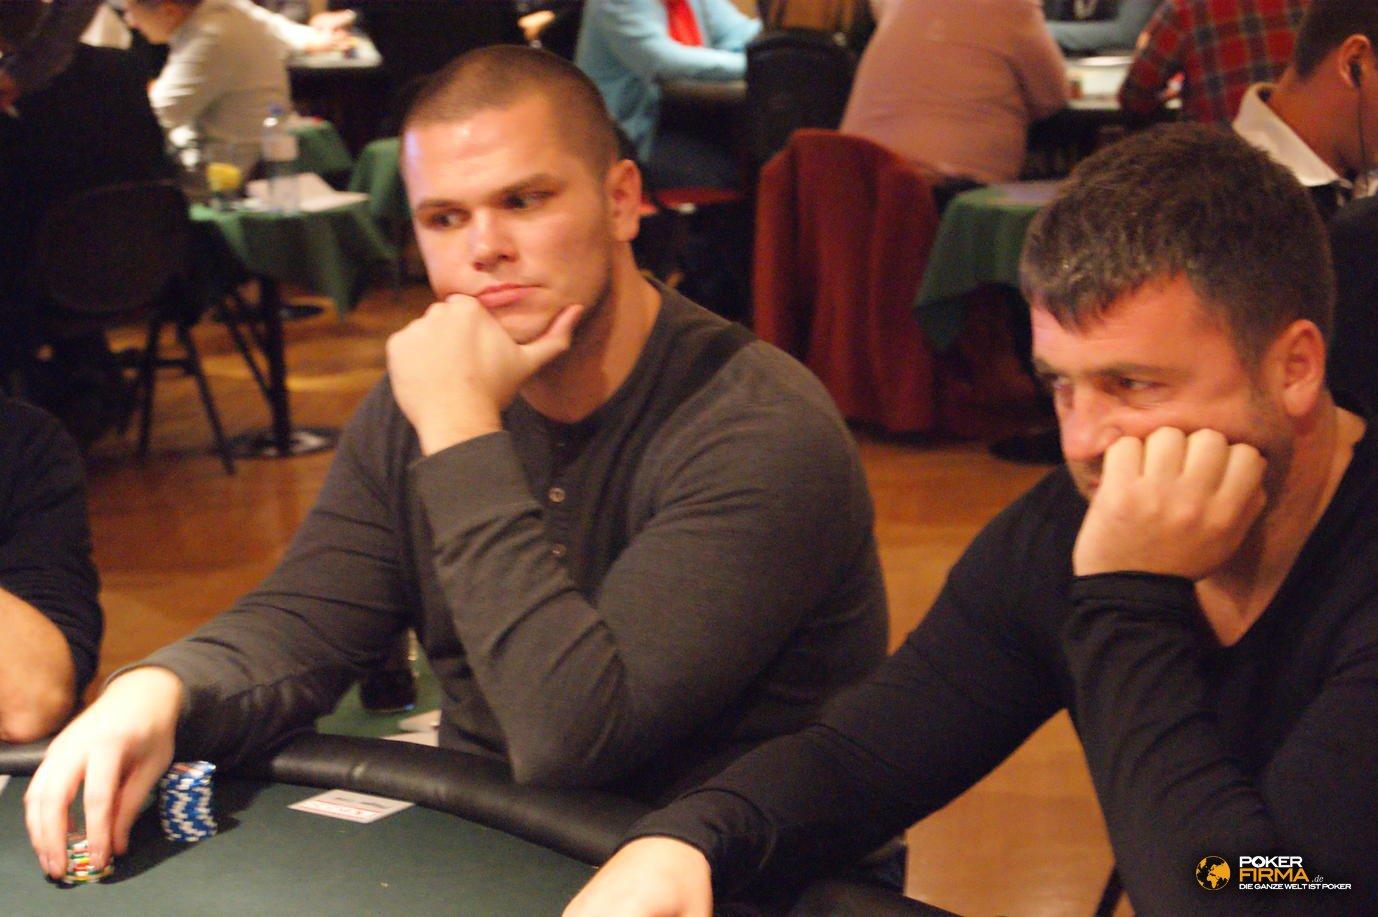 Poker_EM_2000_NLH_251011_Matze_Kurtz